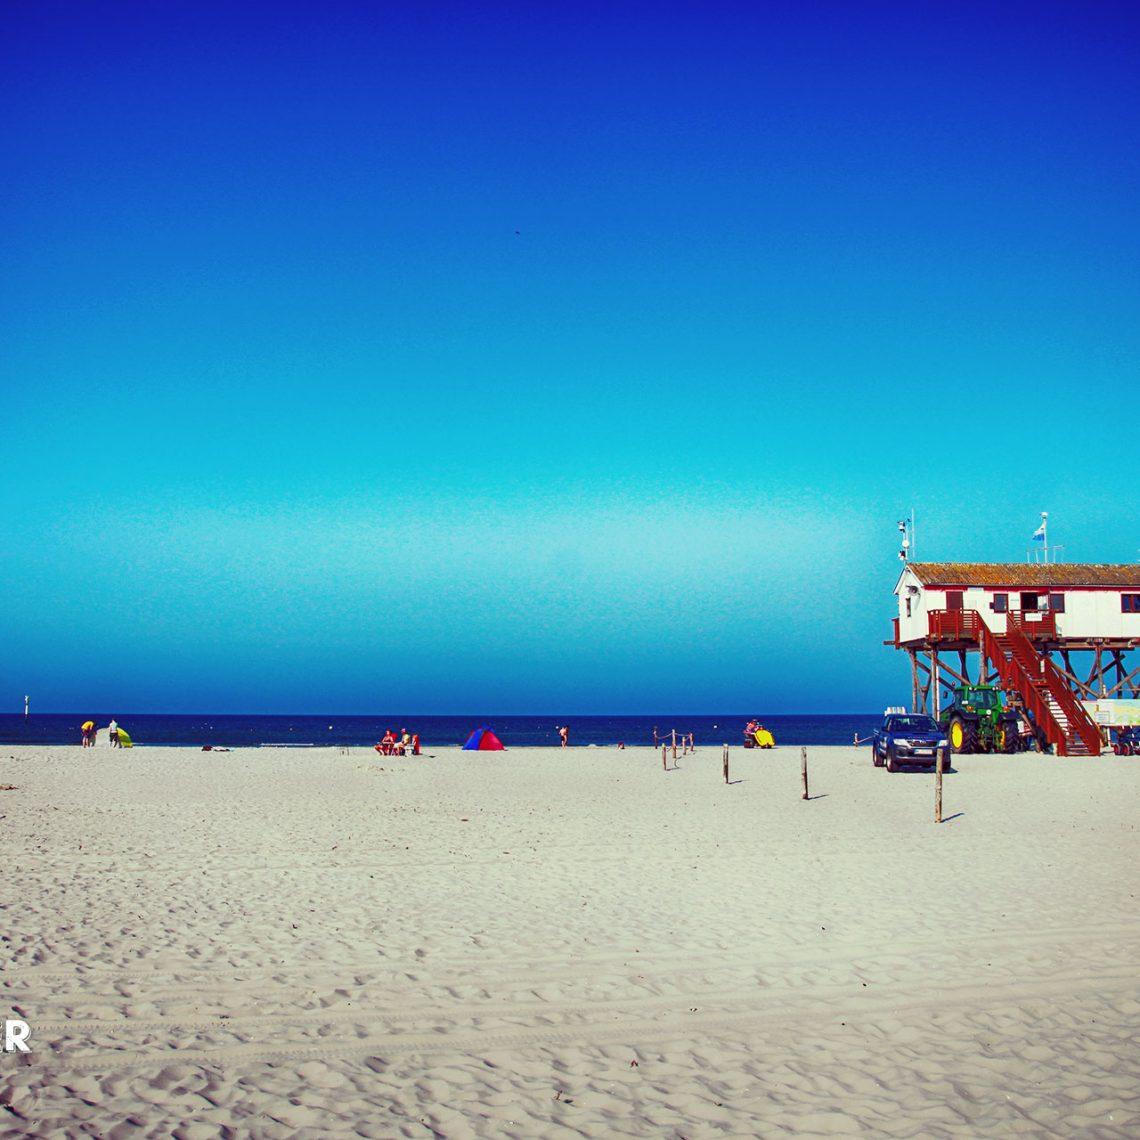 Am Strand von St- Peter-Ording Nord findet jeder was er sucht: Erholung und Sonnenbaden im Strandkorb, Wellensurfing und Kiten in einer extra dafür reservierten Strandzone.